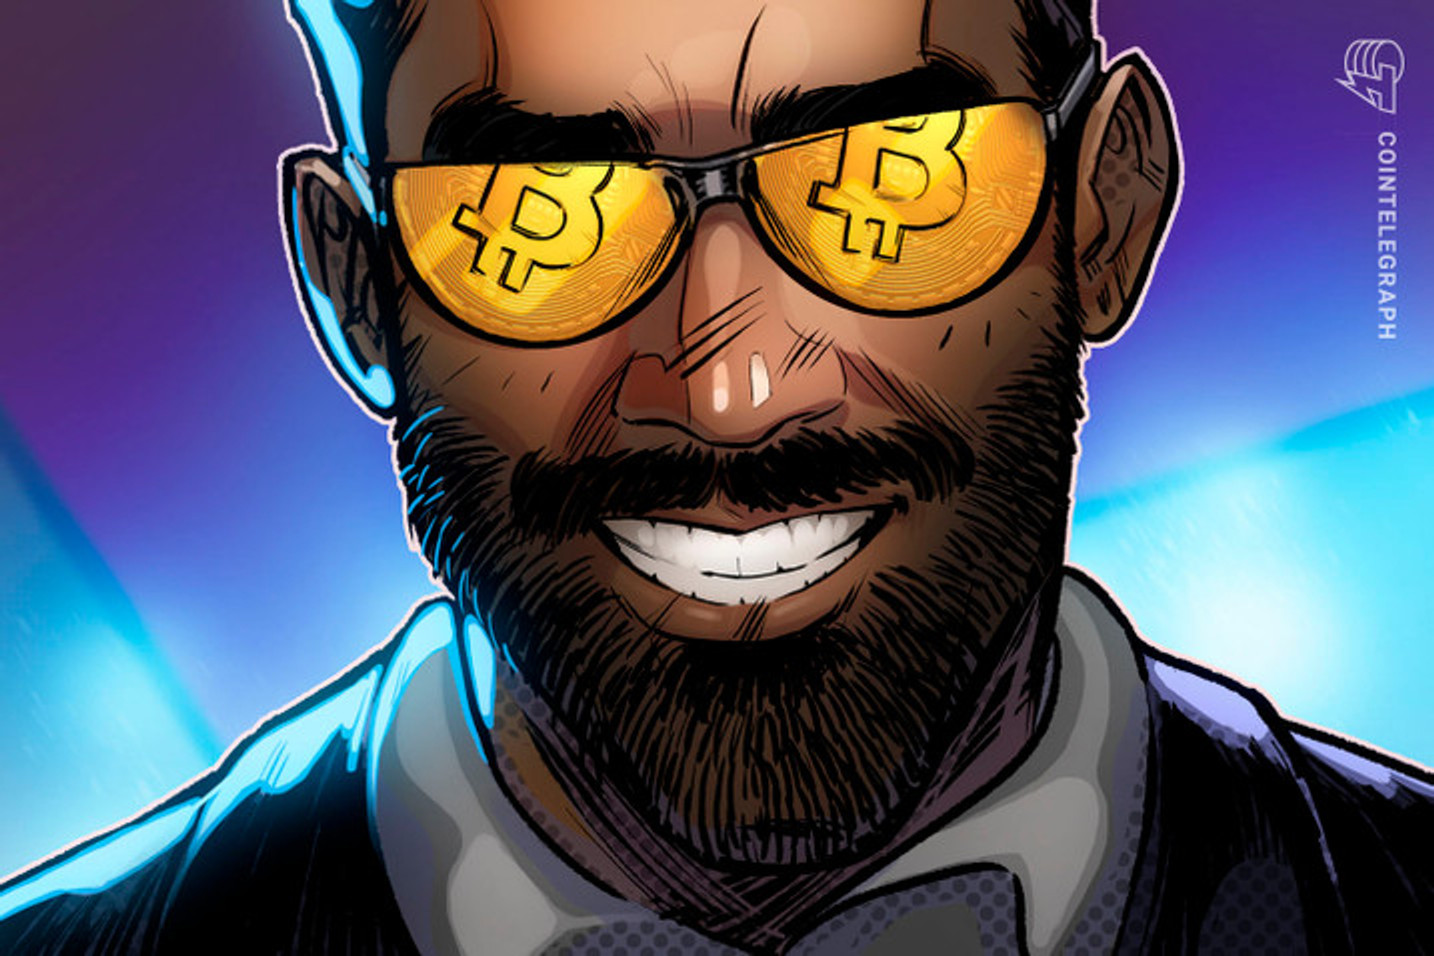 Ex-hacker recupera HD de 2011 com Bitcoins e comemora: 'Sou milionário'